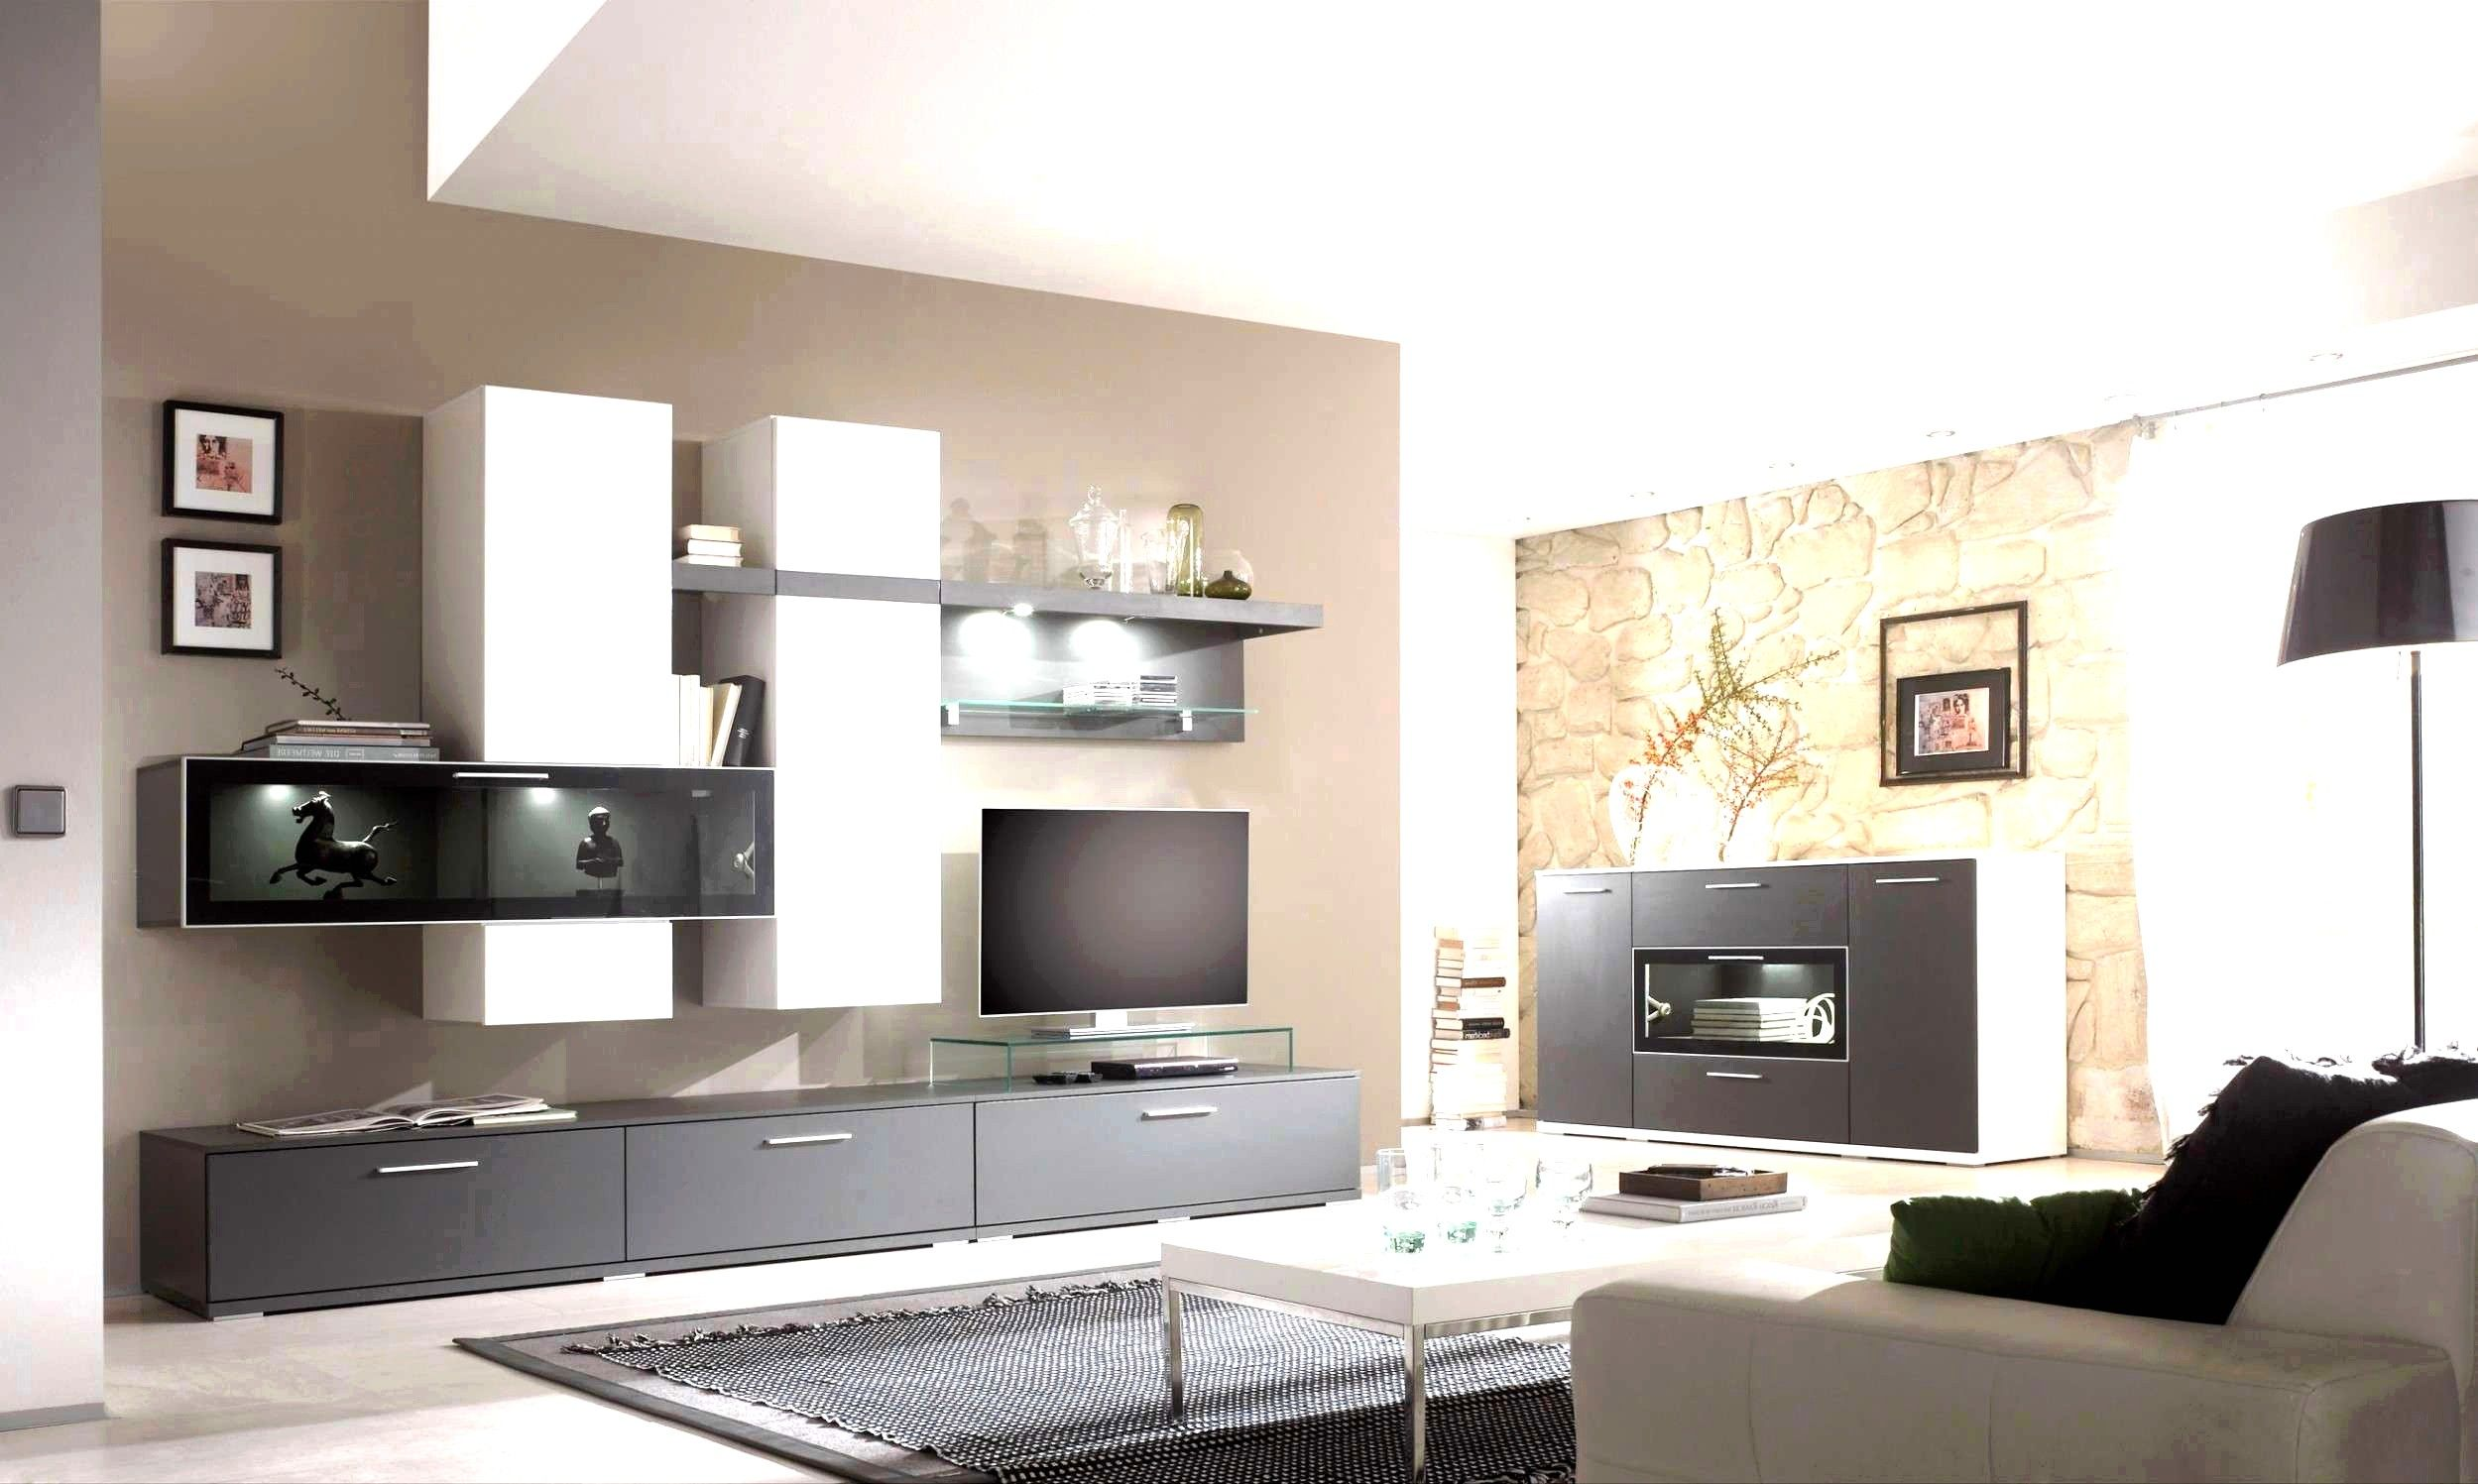 Ebay Kleinanzeigen Wohnwand  Dekoration wohnung, Wohnzimmer ideen